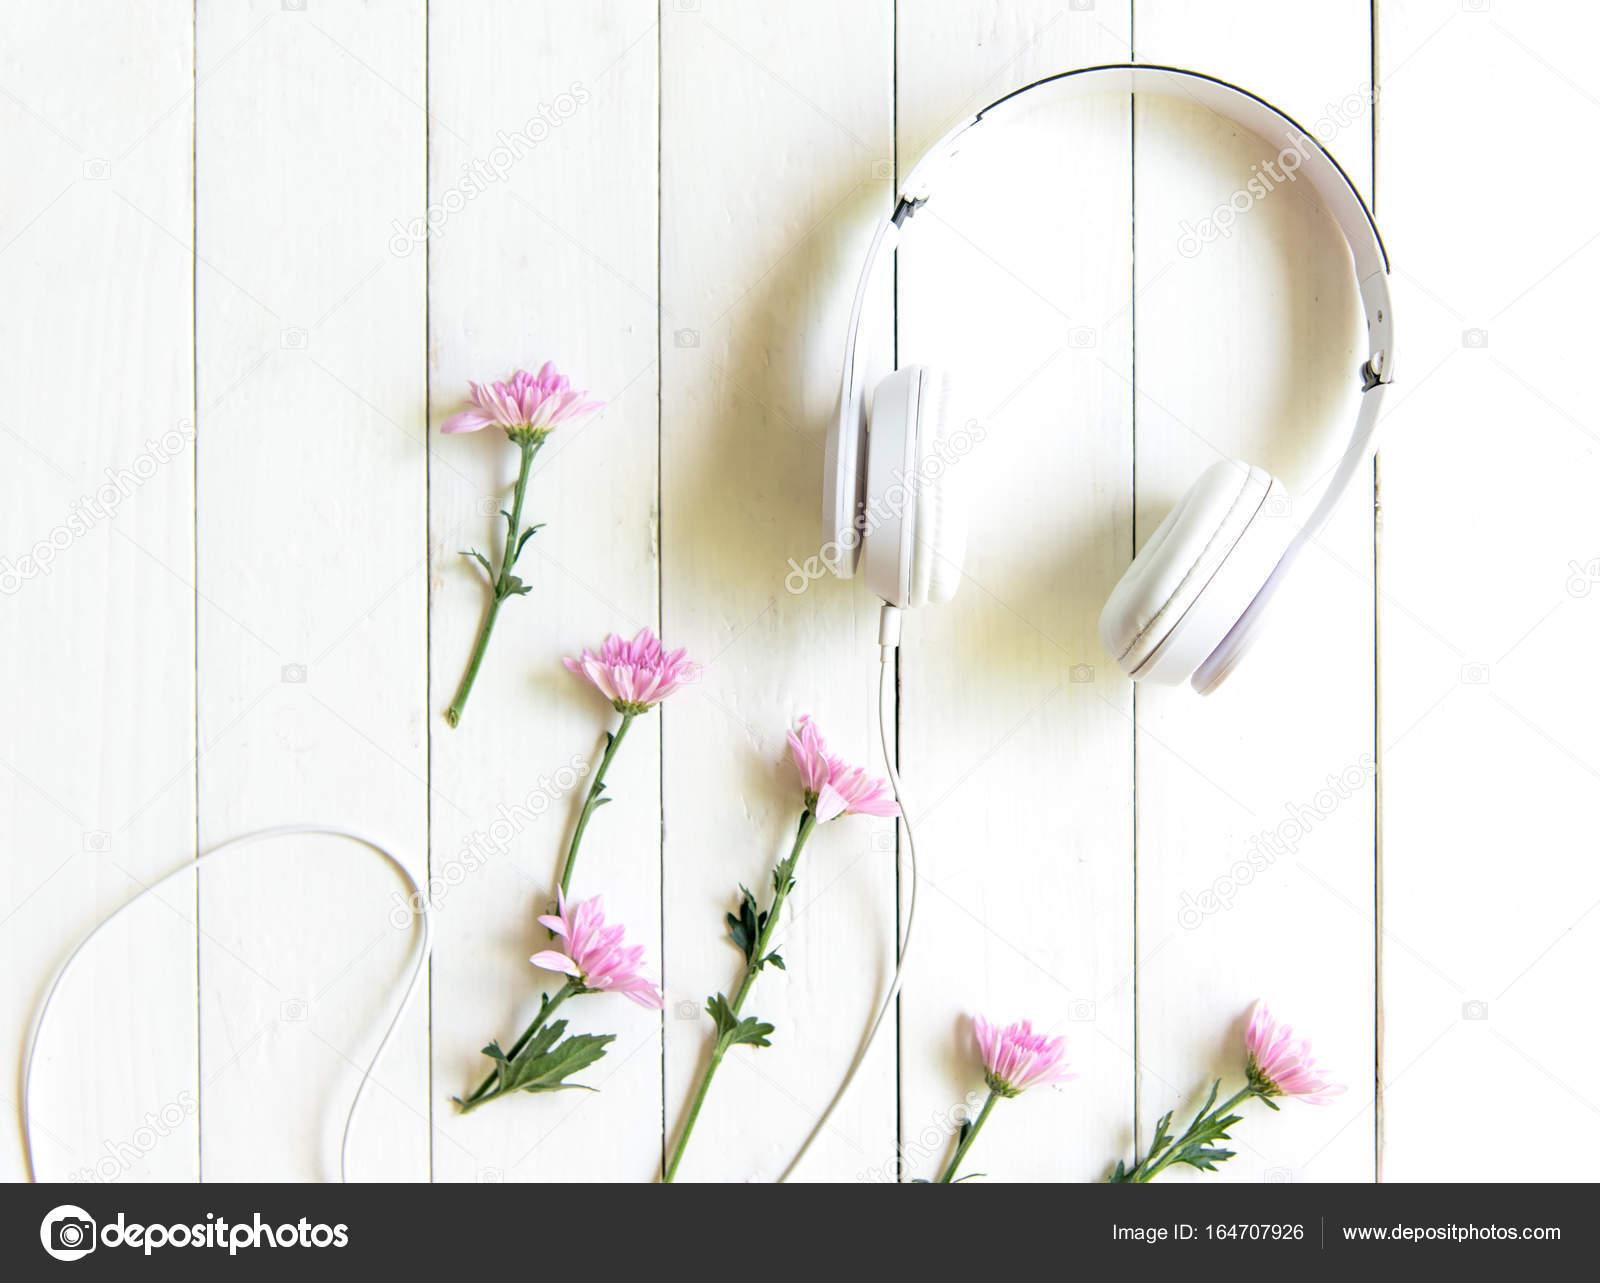 Vue de dessus casque sur le bureau blanc avec zone de fleur et